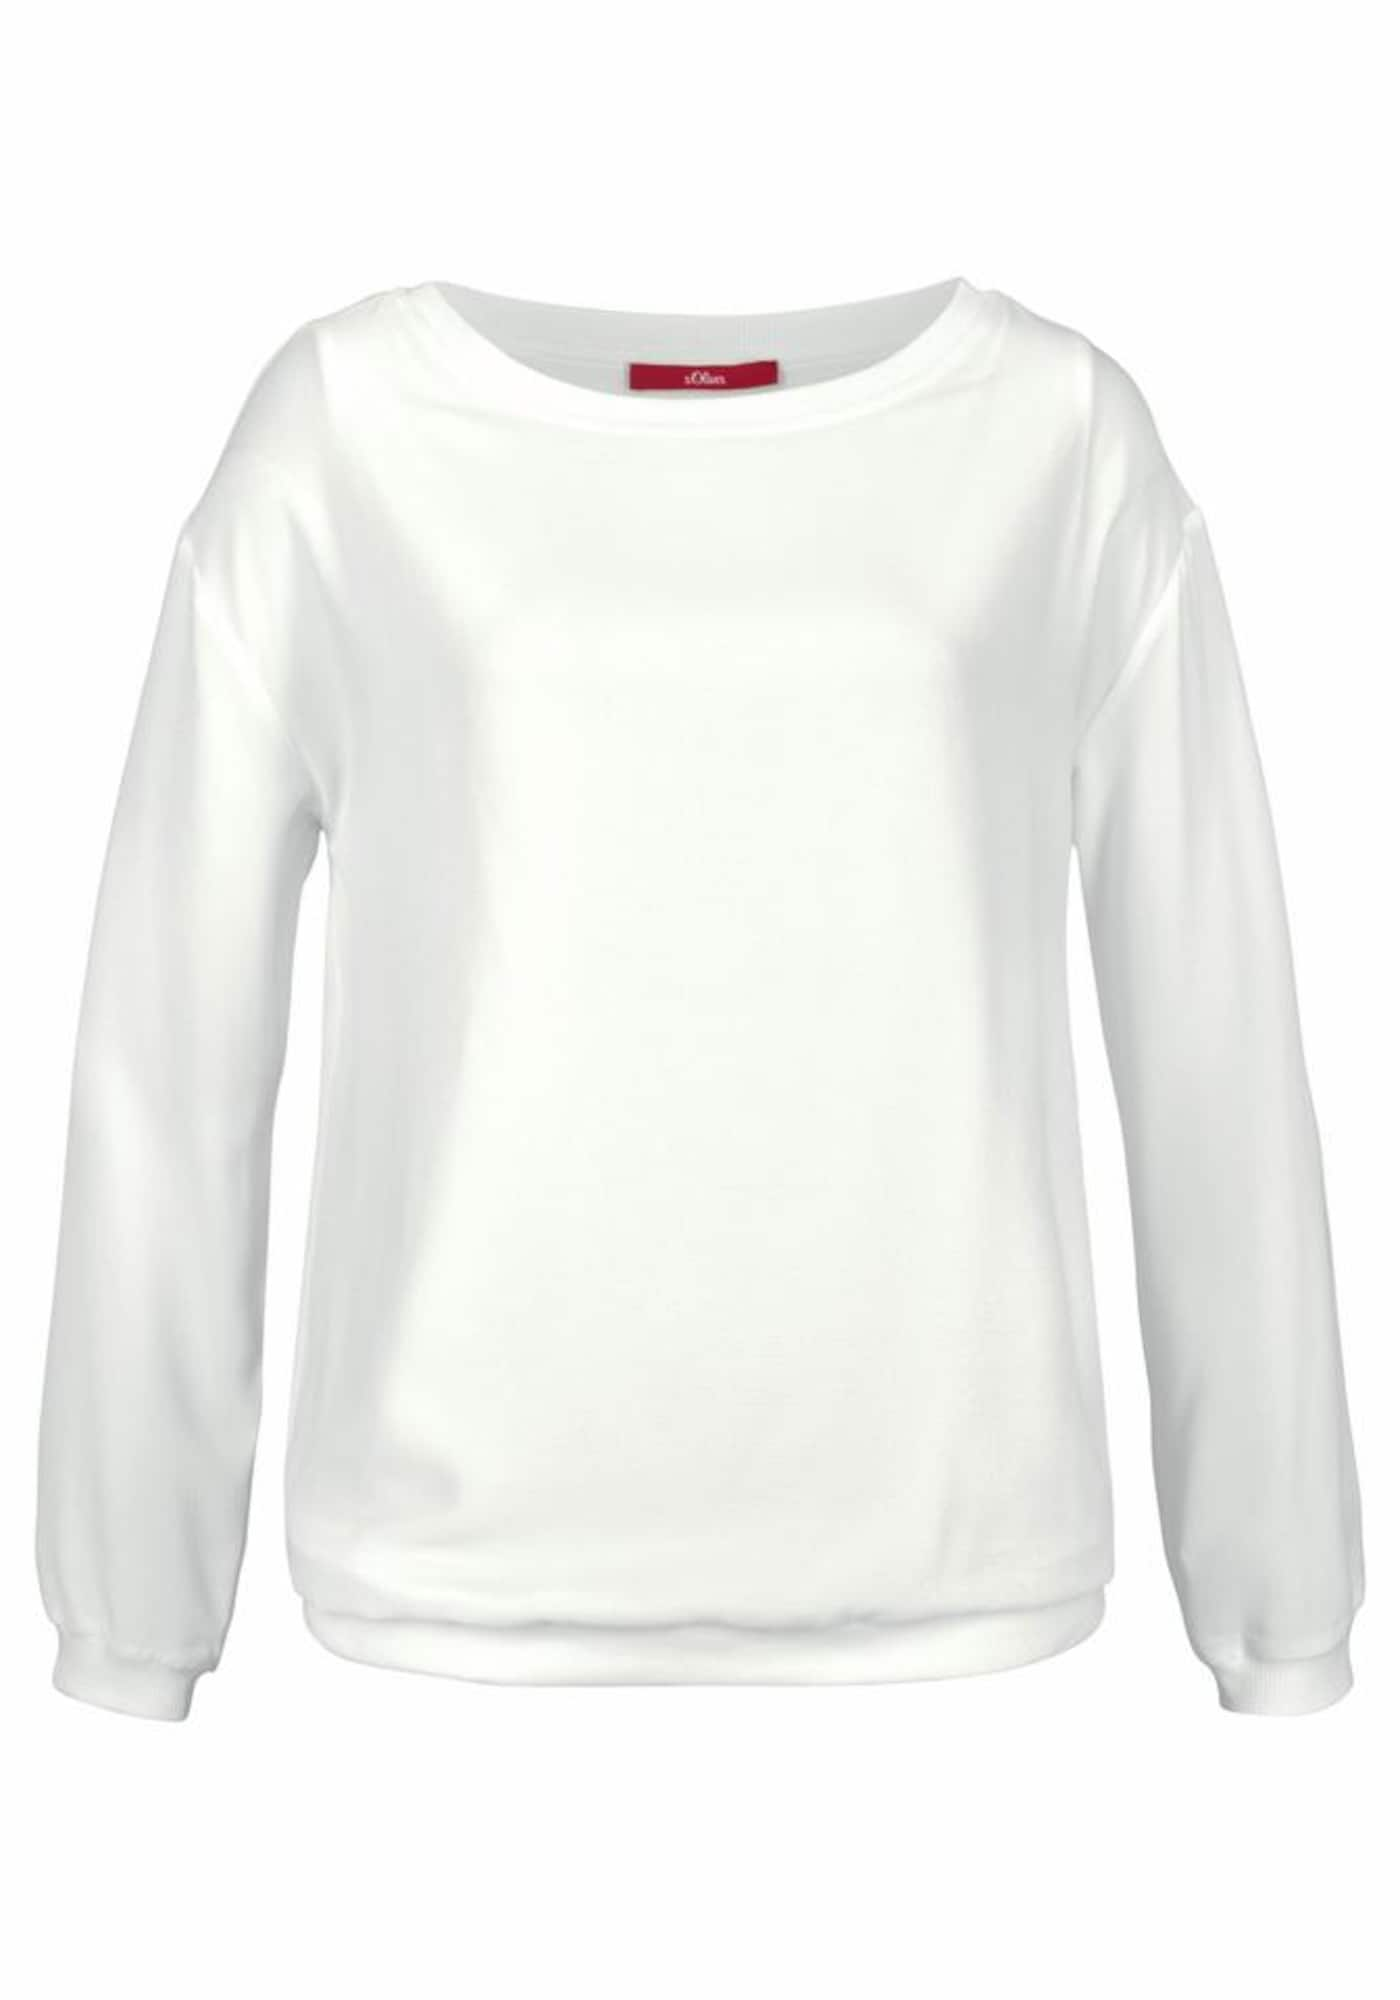 S.Oliver RED LABEL, Dames Sweatshirt, crme